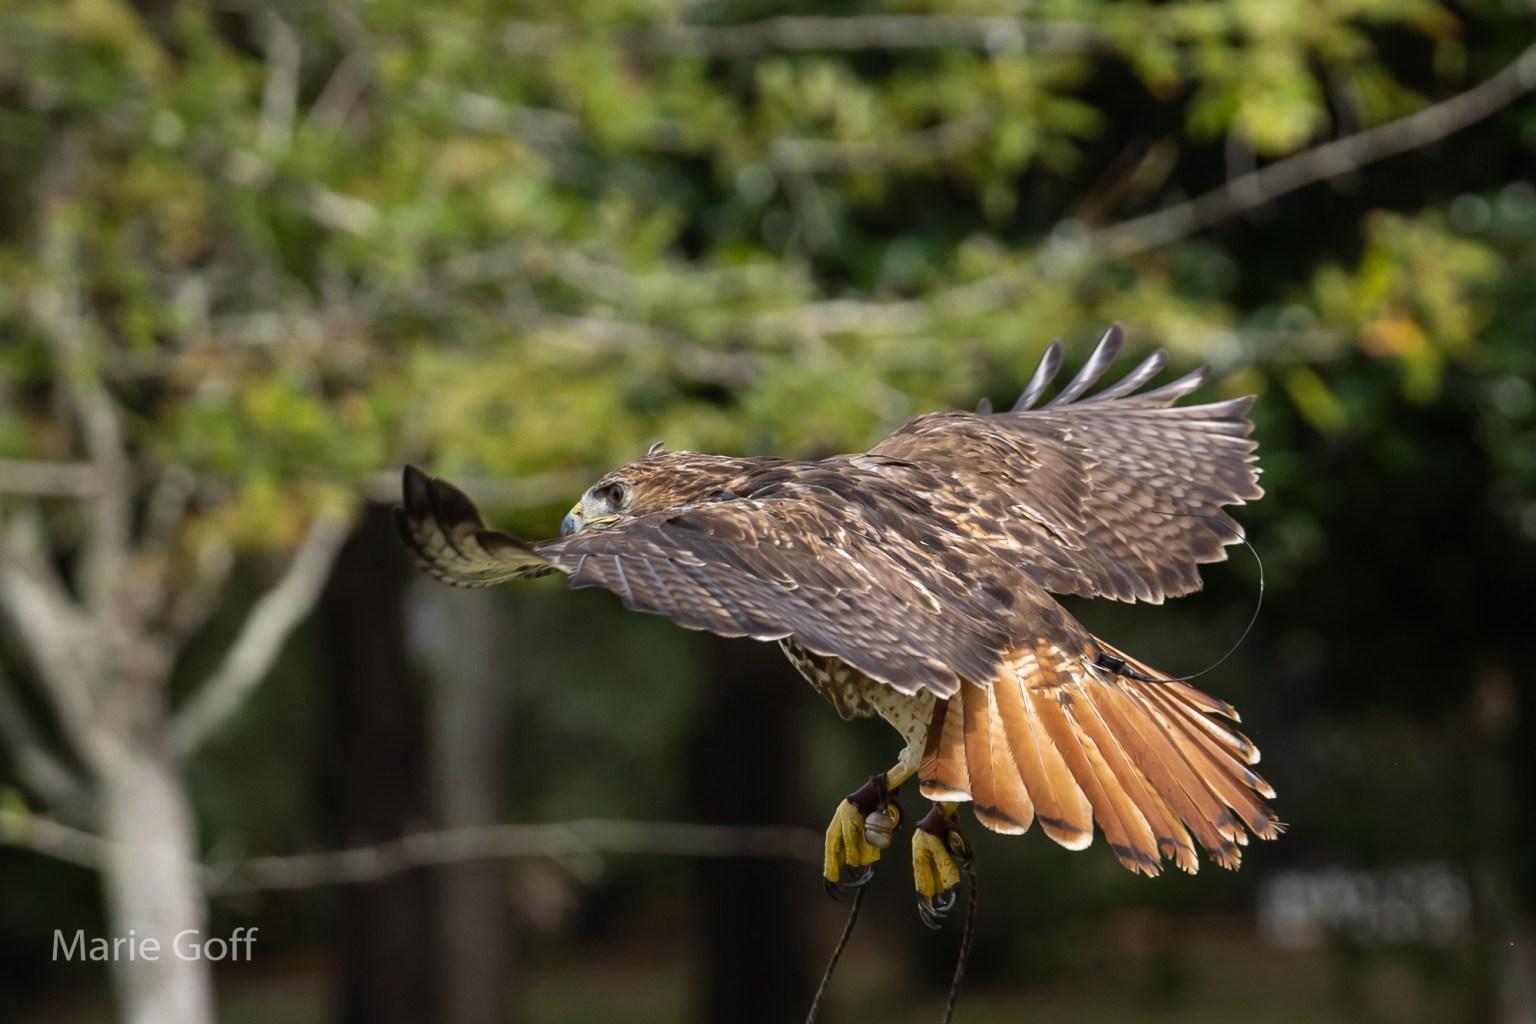 Tack sharp photos of birds-in-flights-in-flight